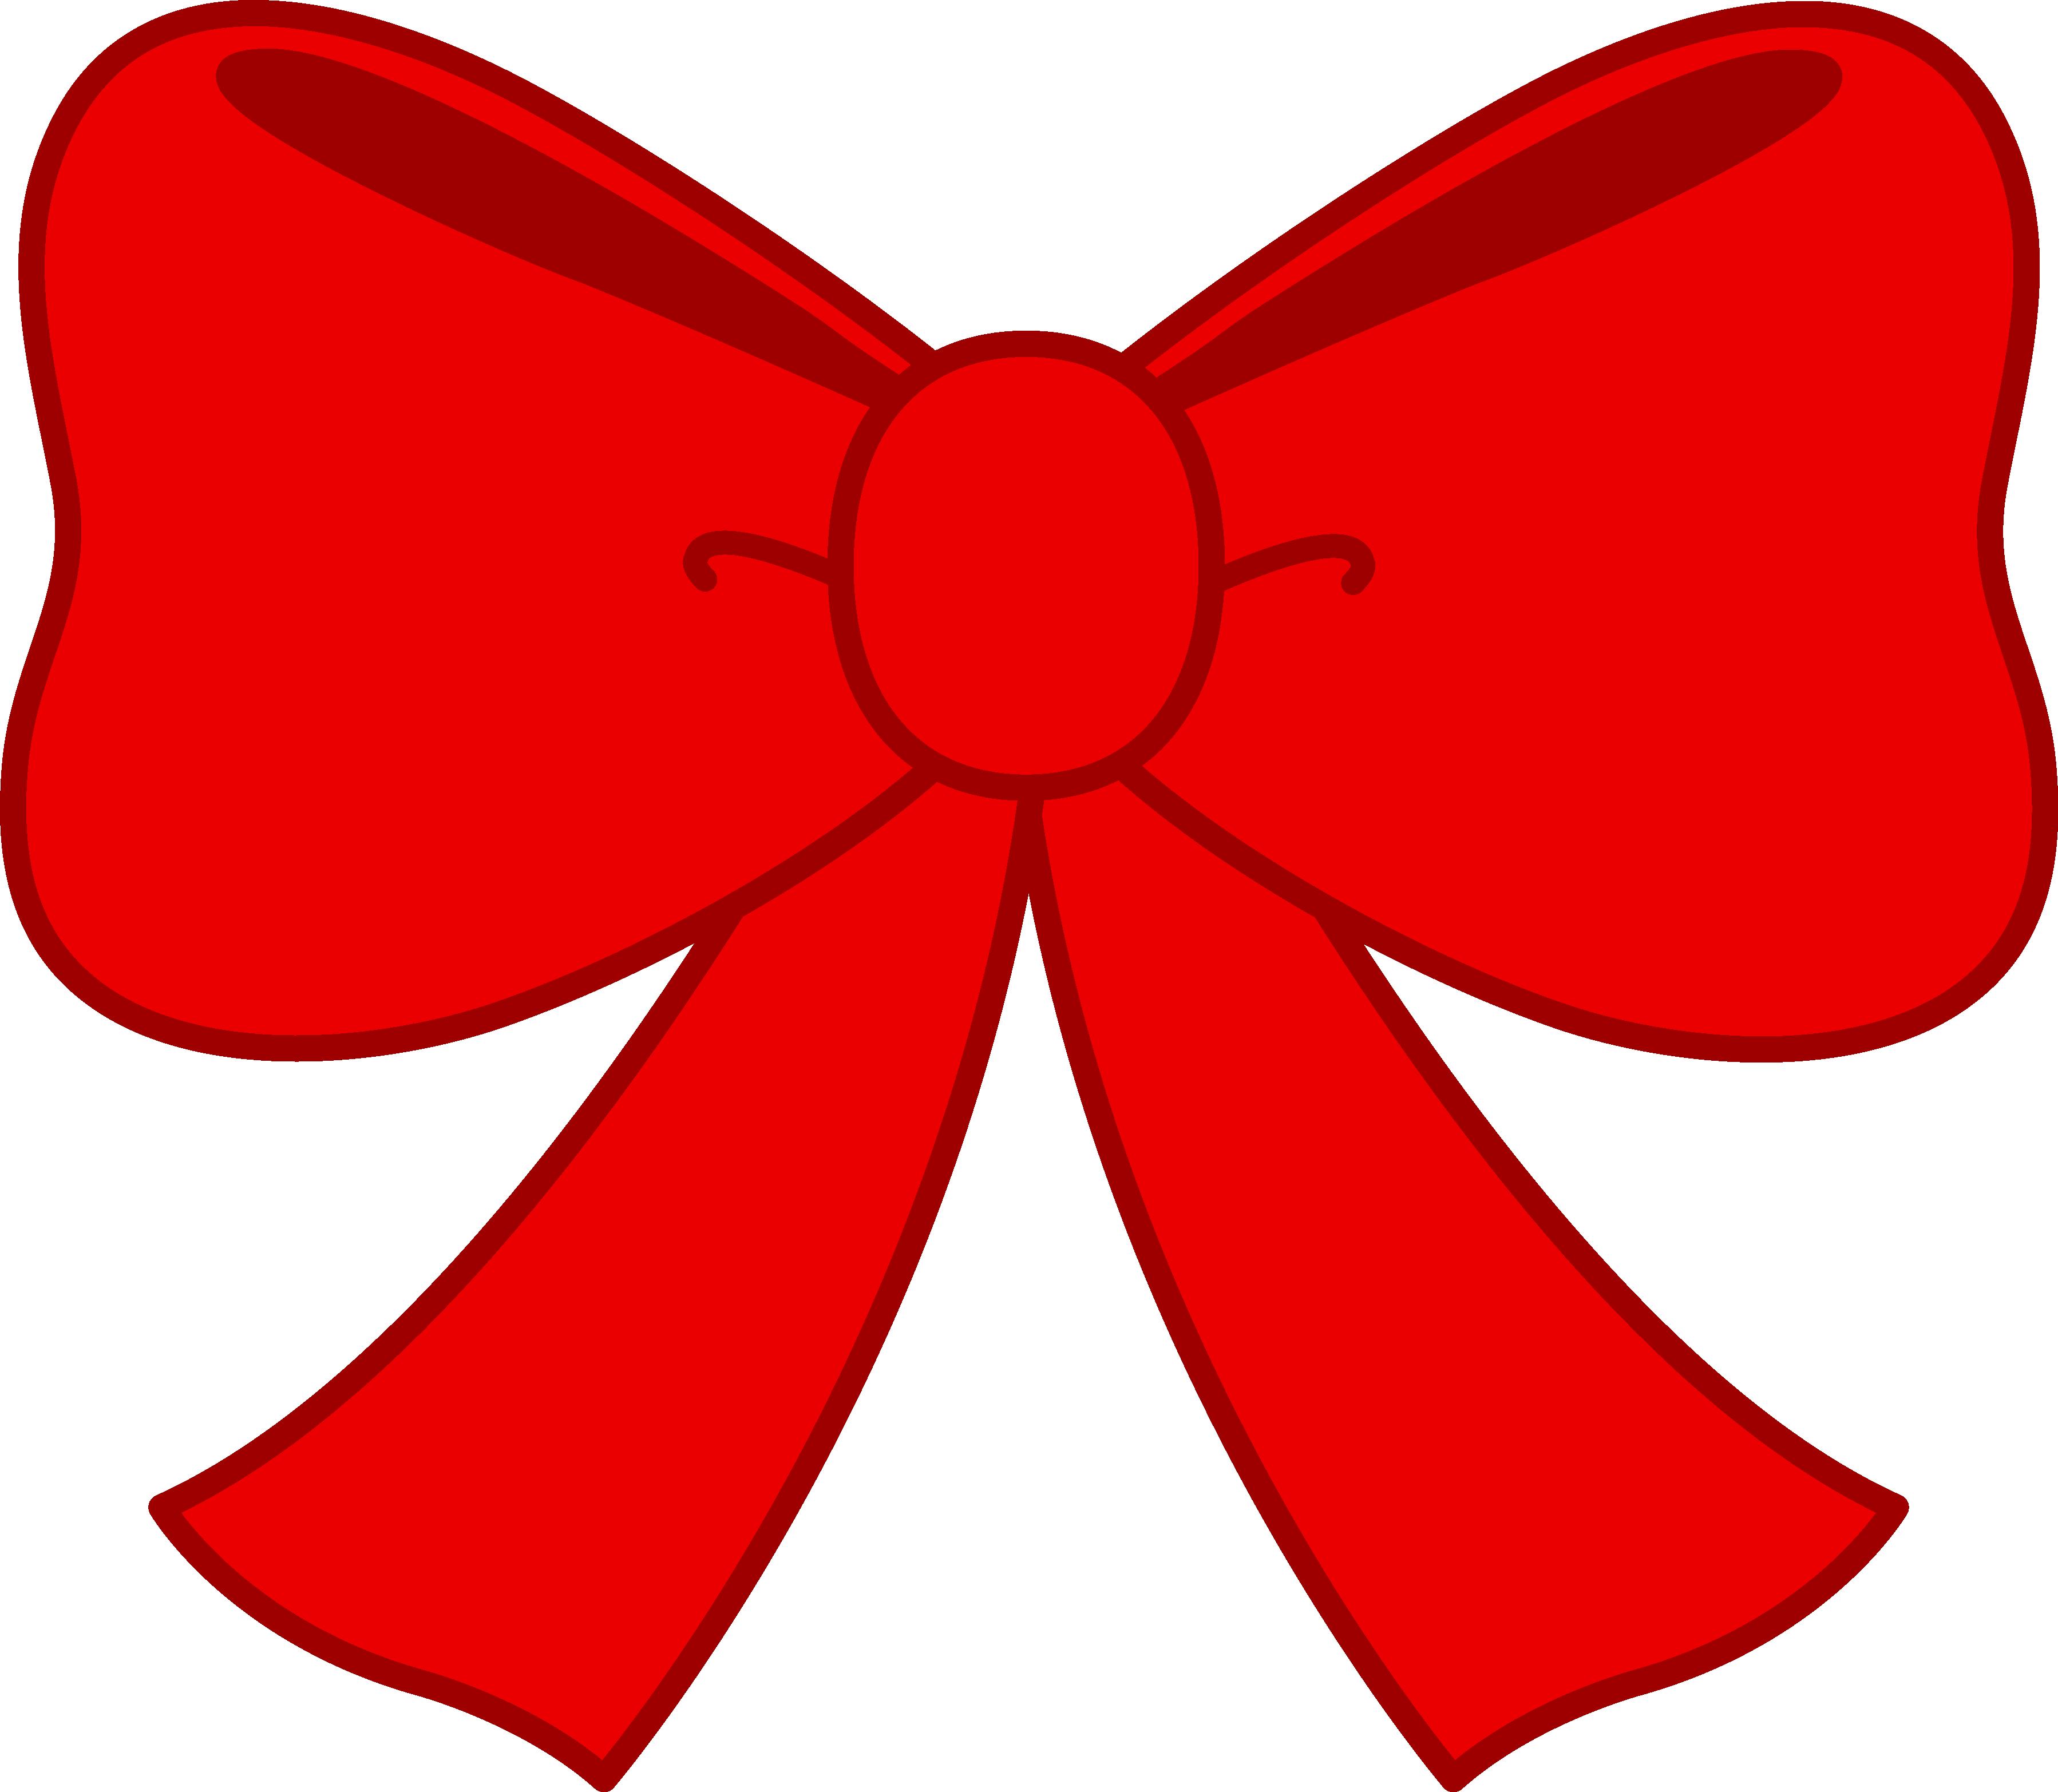 Ribbon Cliparts-Ribbon cliparts-17